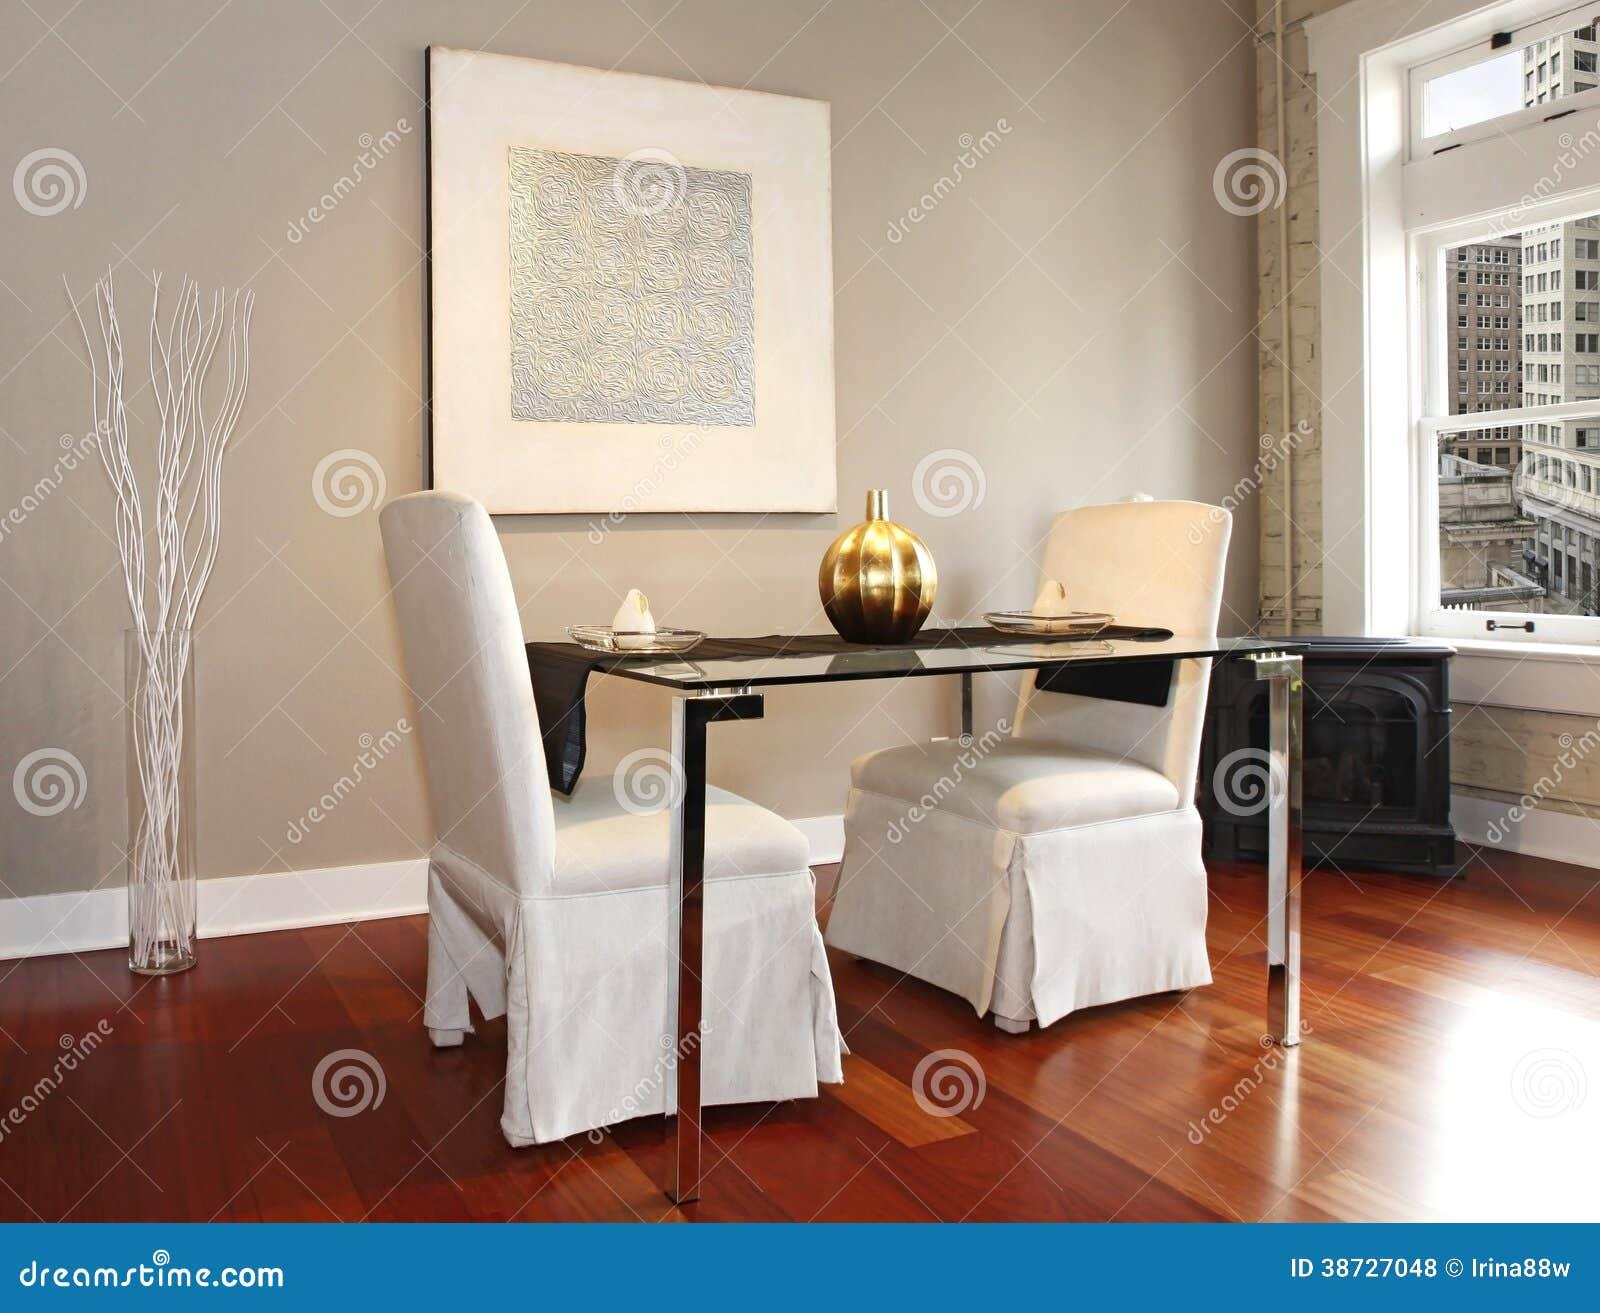 Fotografie Stock Libere Da Diritti: Tavolo Da Pranzo Elegante Messo In  #85AA21 1300 1084 Sala Da Pranzo Arte Povera